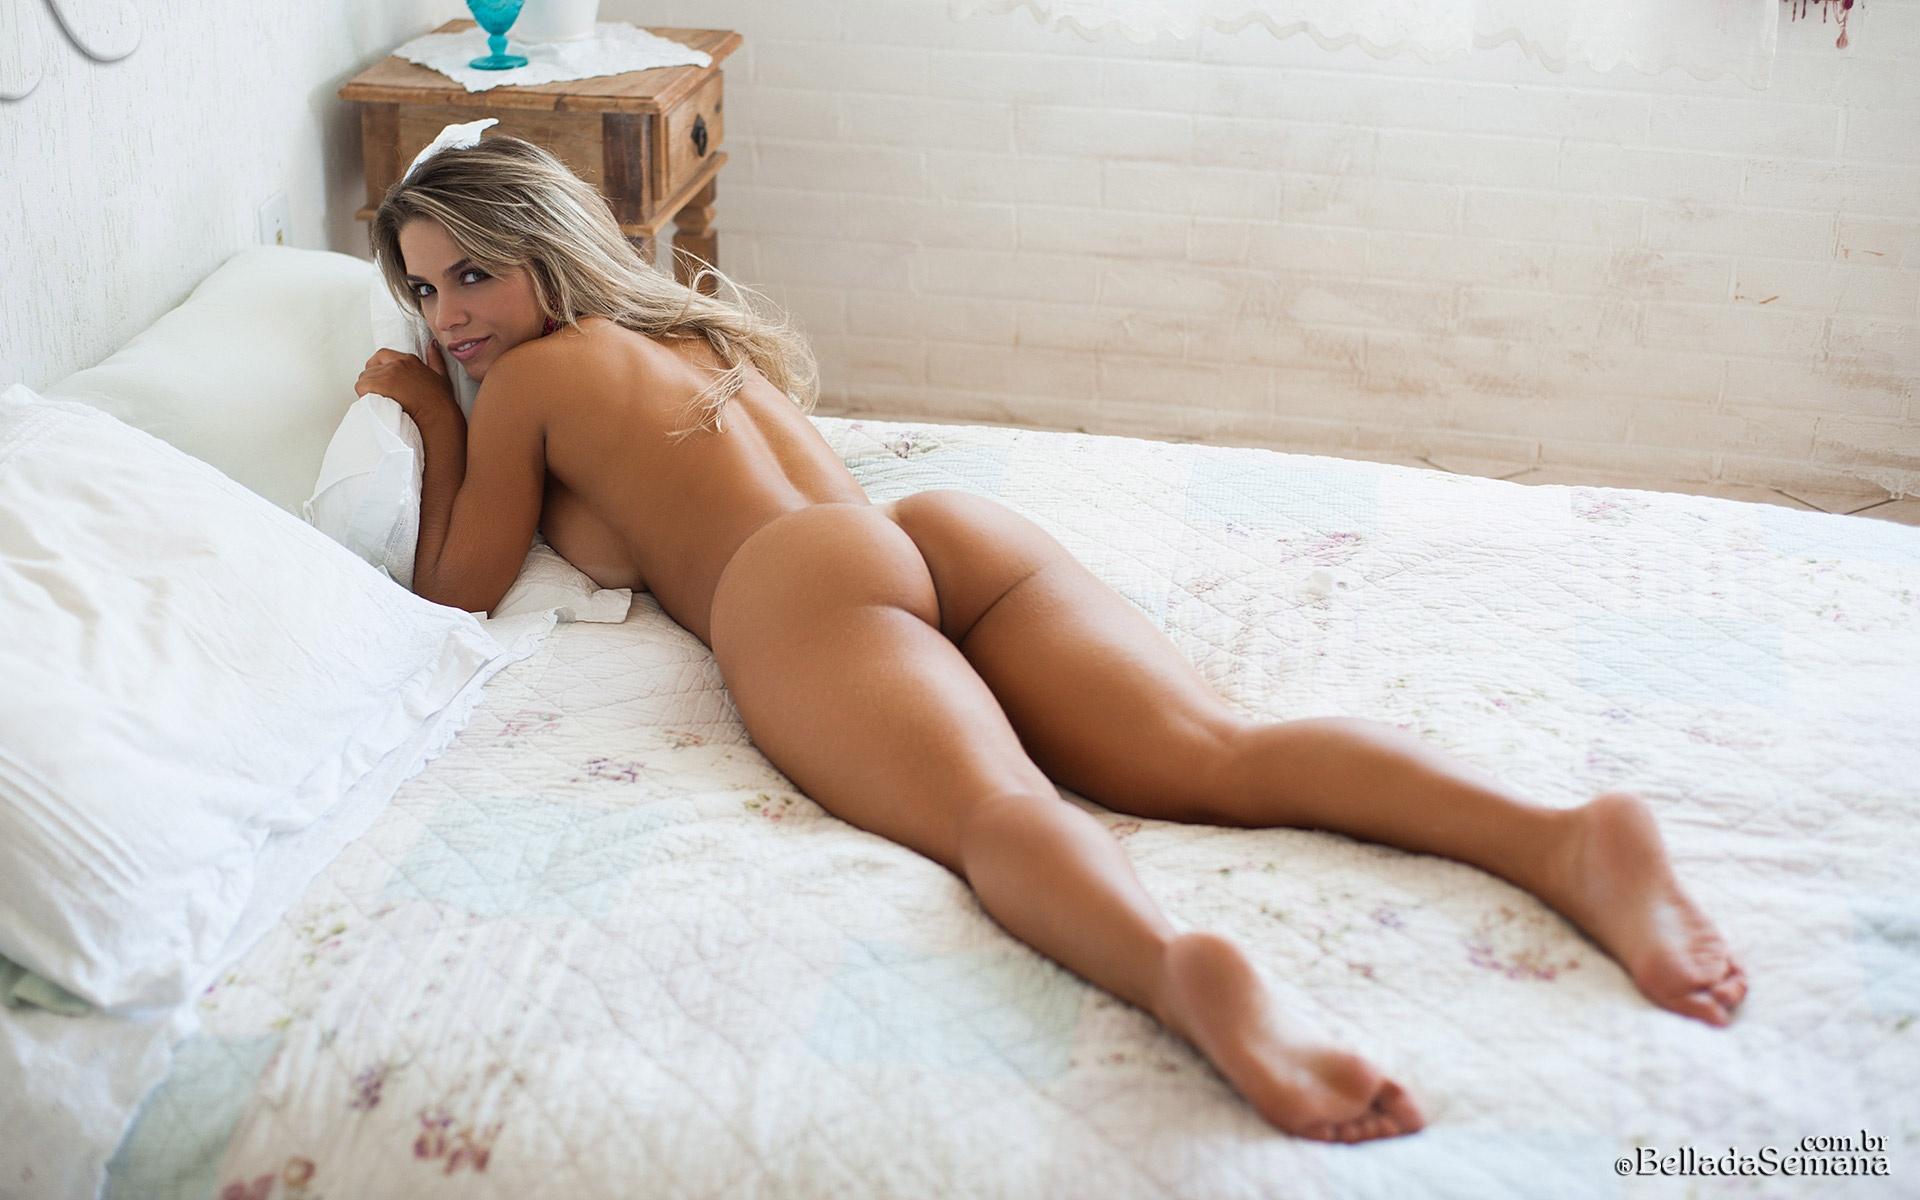 Amanda Sagaz hot brazilian ass spread over a white bed ...